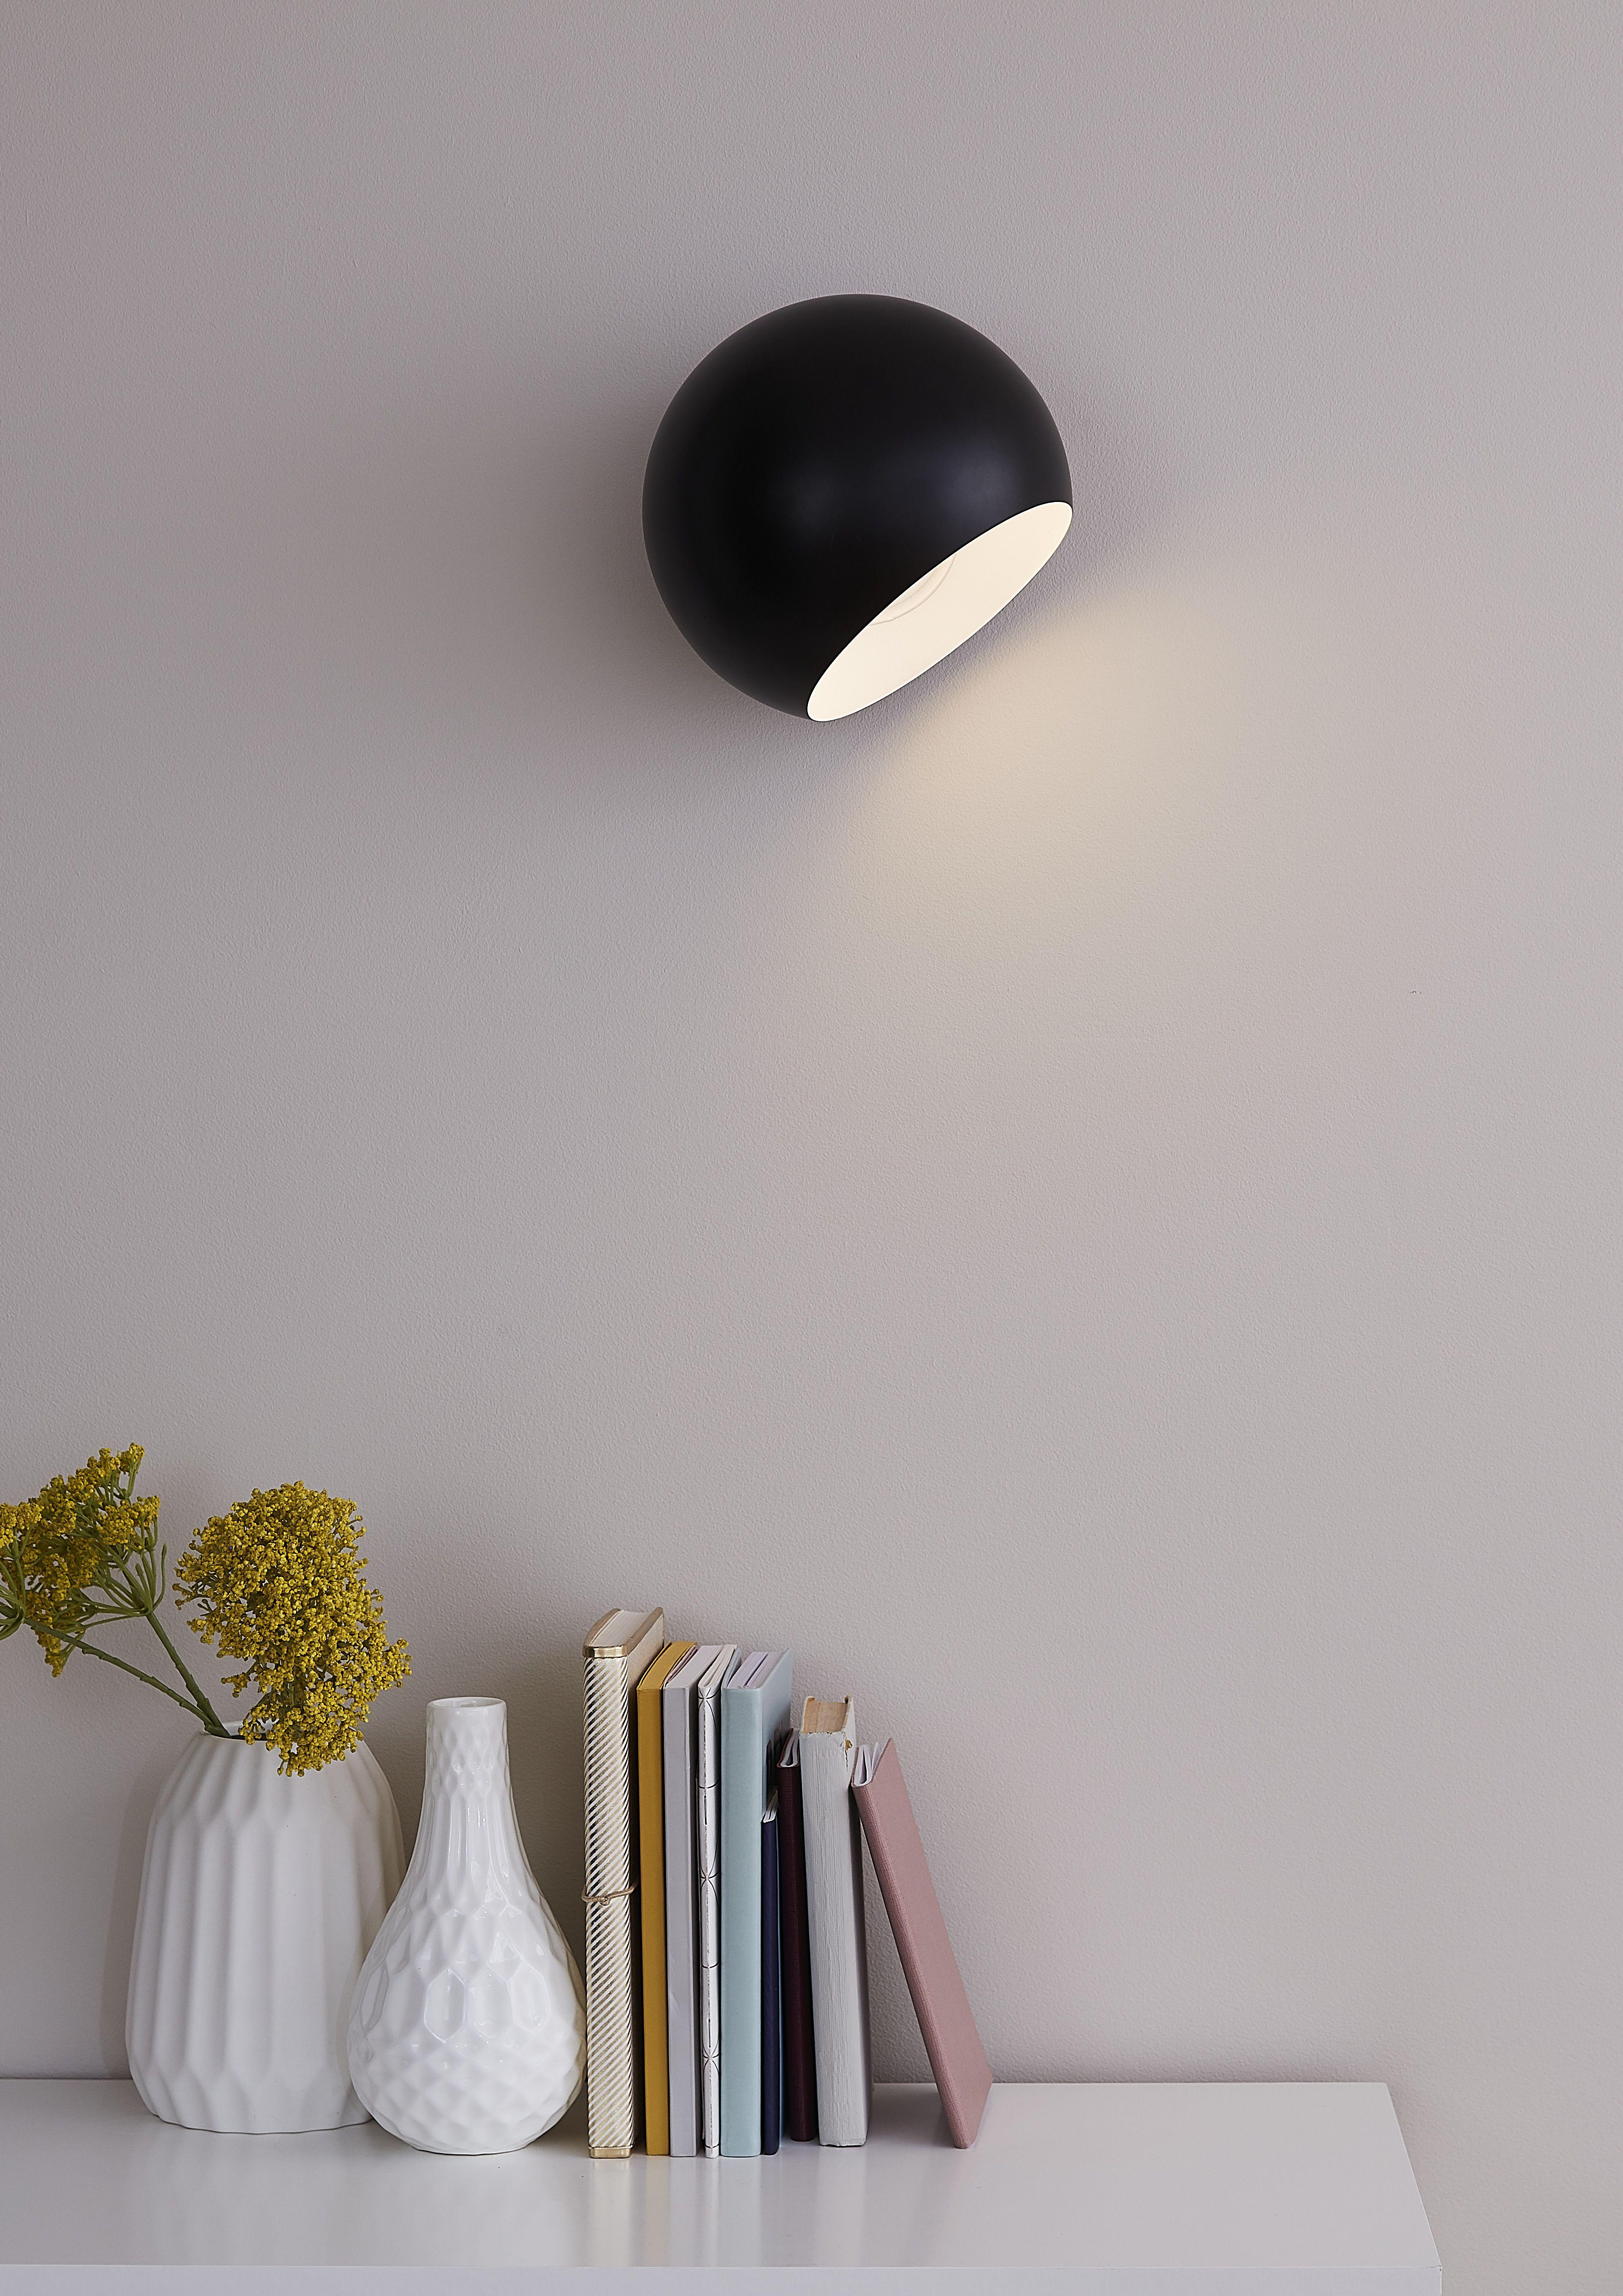 Kinkiet Goodhome Zosca 1 Punktowy E27 Czarny Kinkiety Wall Lights Decor Home Decor